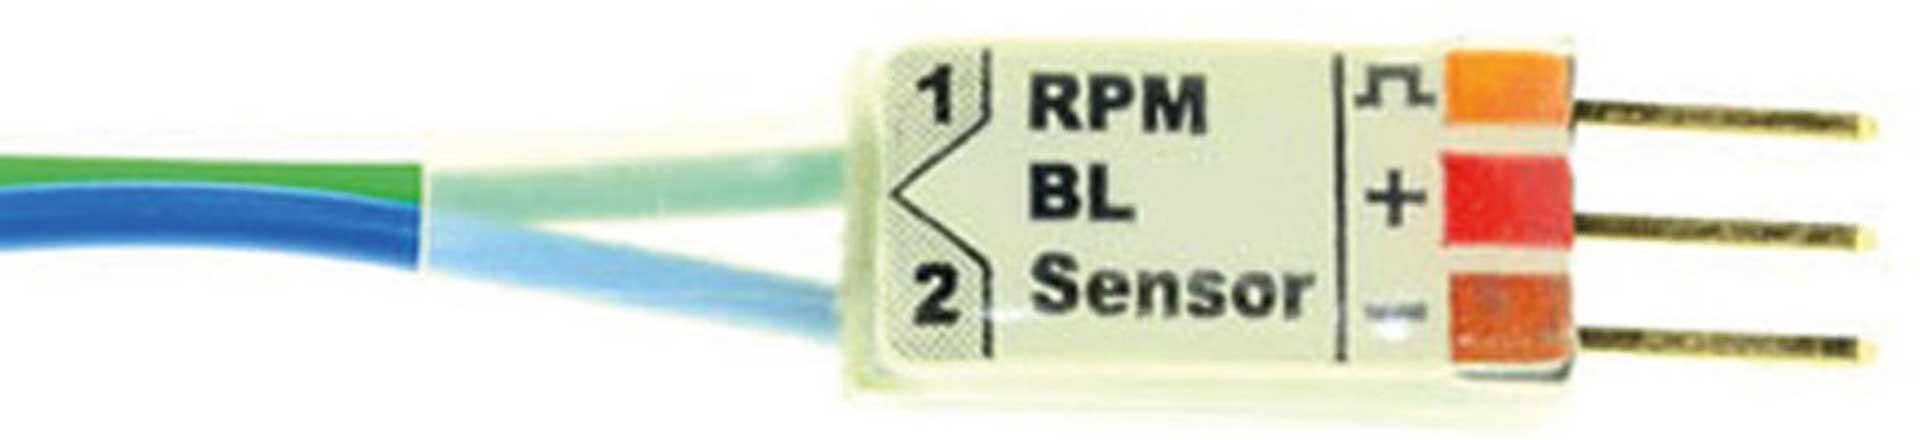 BEASTX BRUSHLESS RPM SENSOR UNIVERSAL